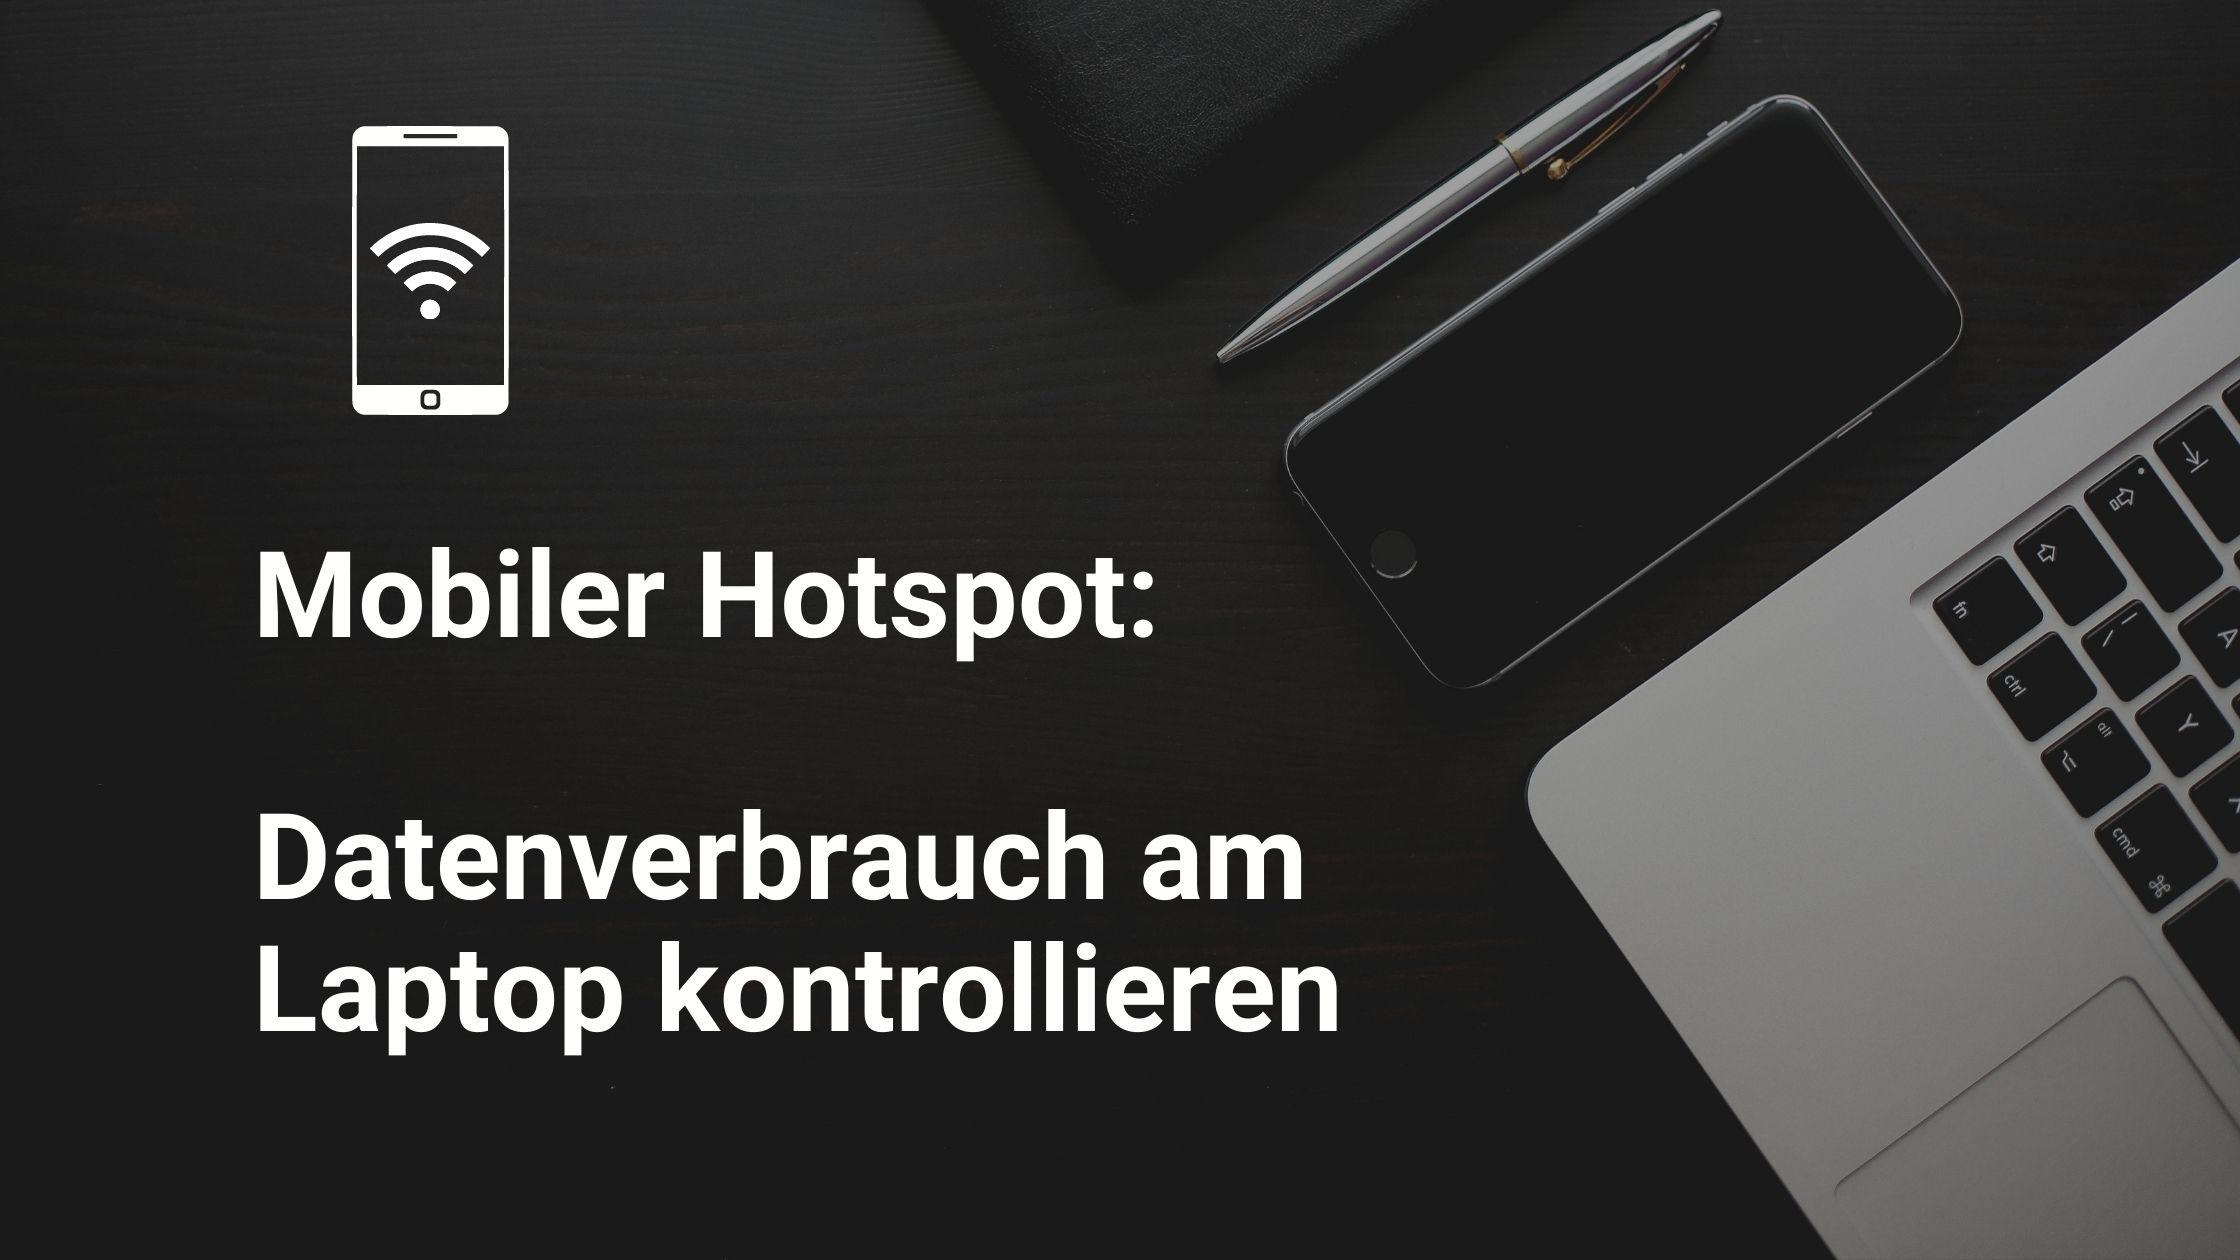 Mobiler Hotspot Datenverbrauch kontrollieren